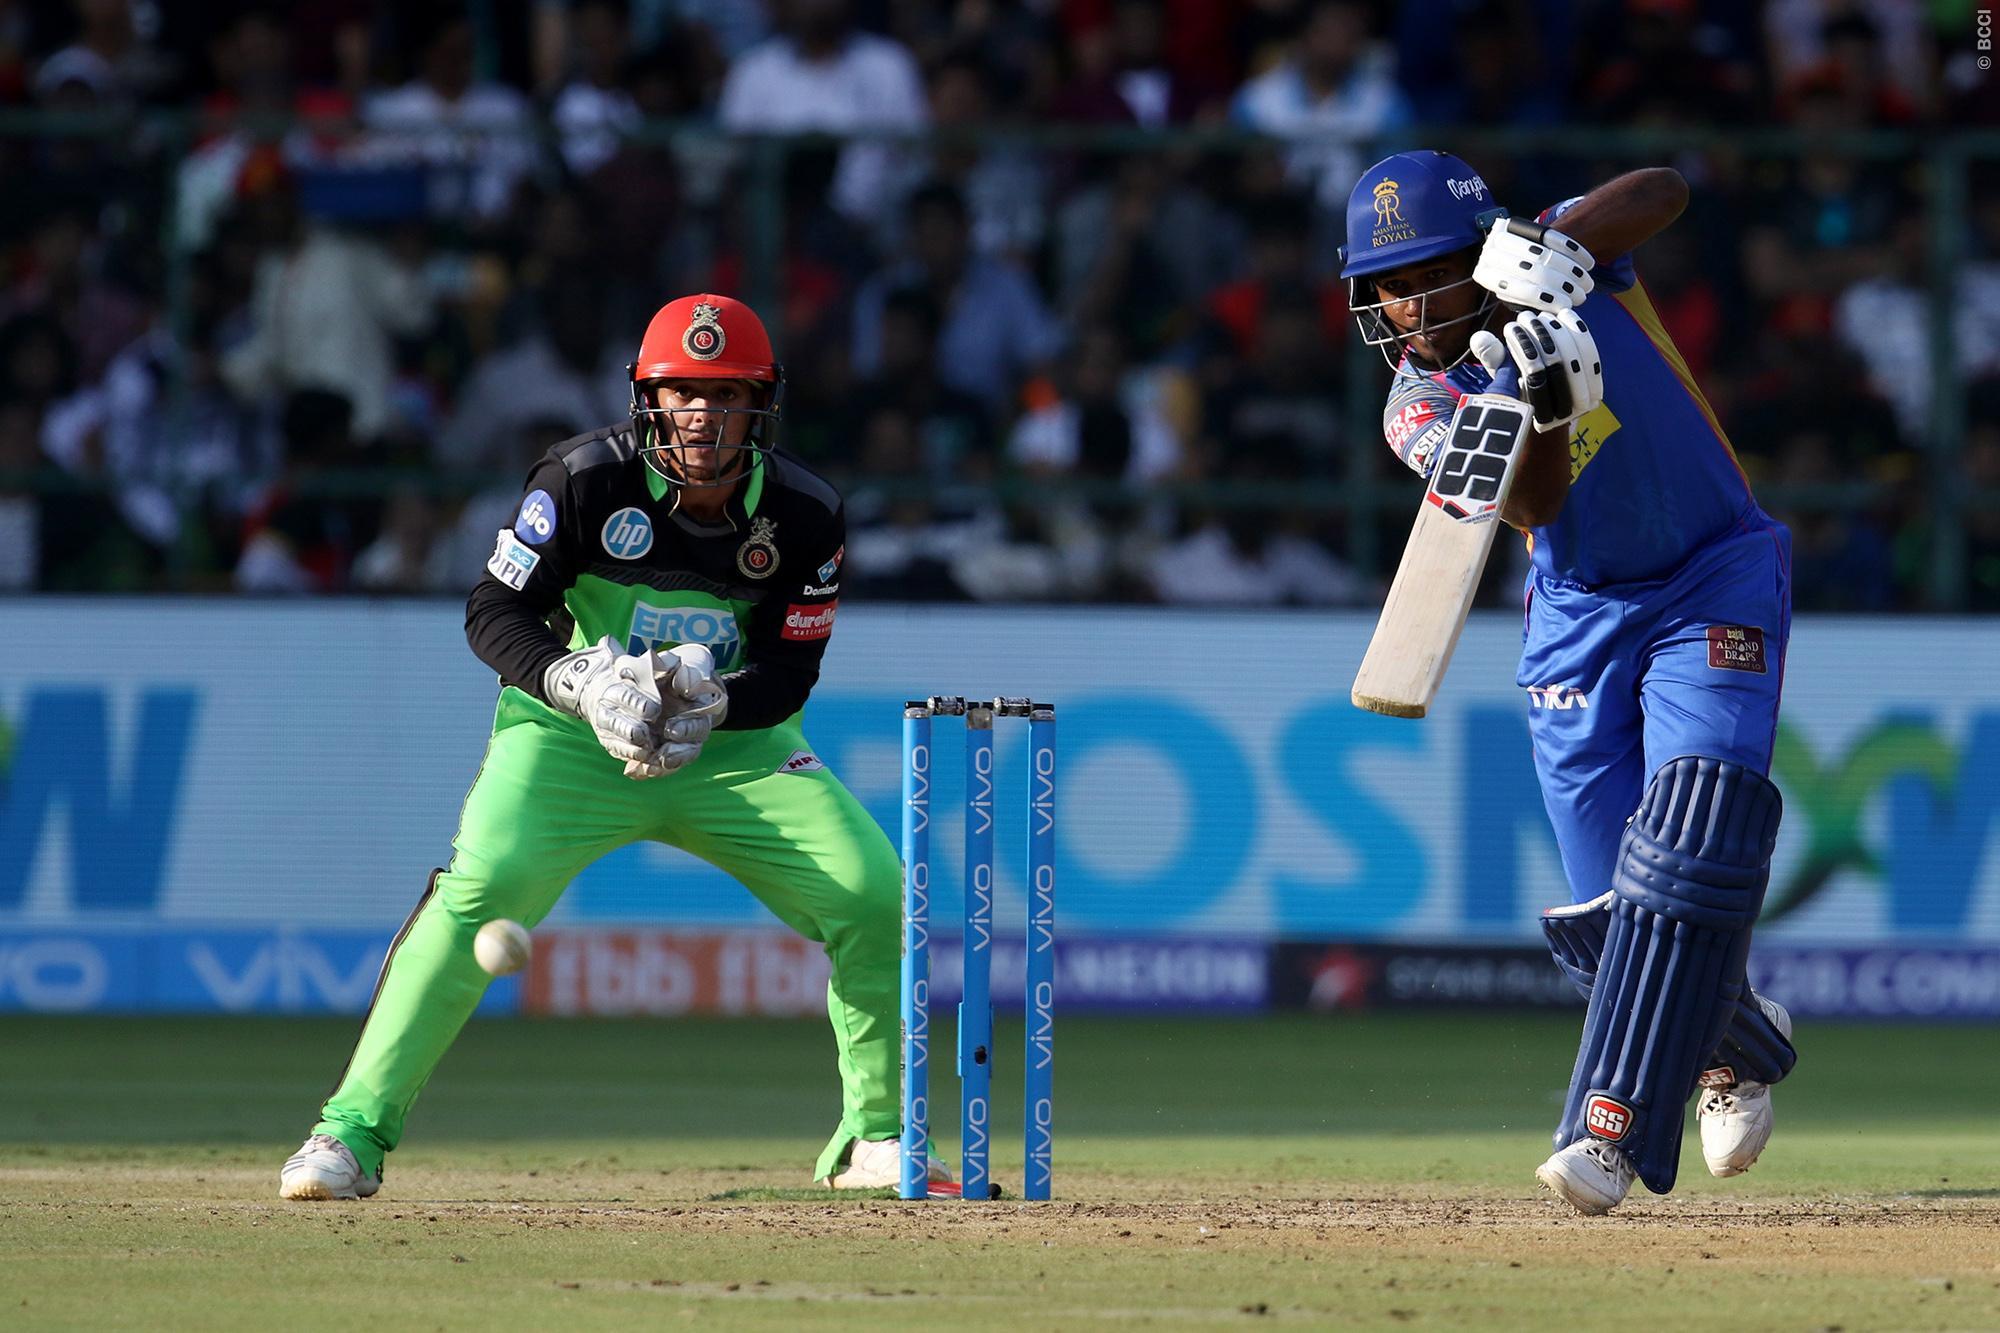 IPL 2018: संजू सैमसन की शानदार पारी के बाद अजिंक्य रहाणे ने कर डाली ये बड़ी भविष्यवाणी 13